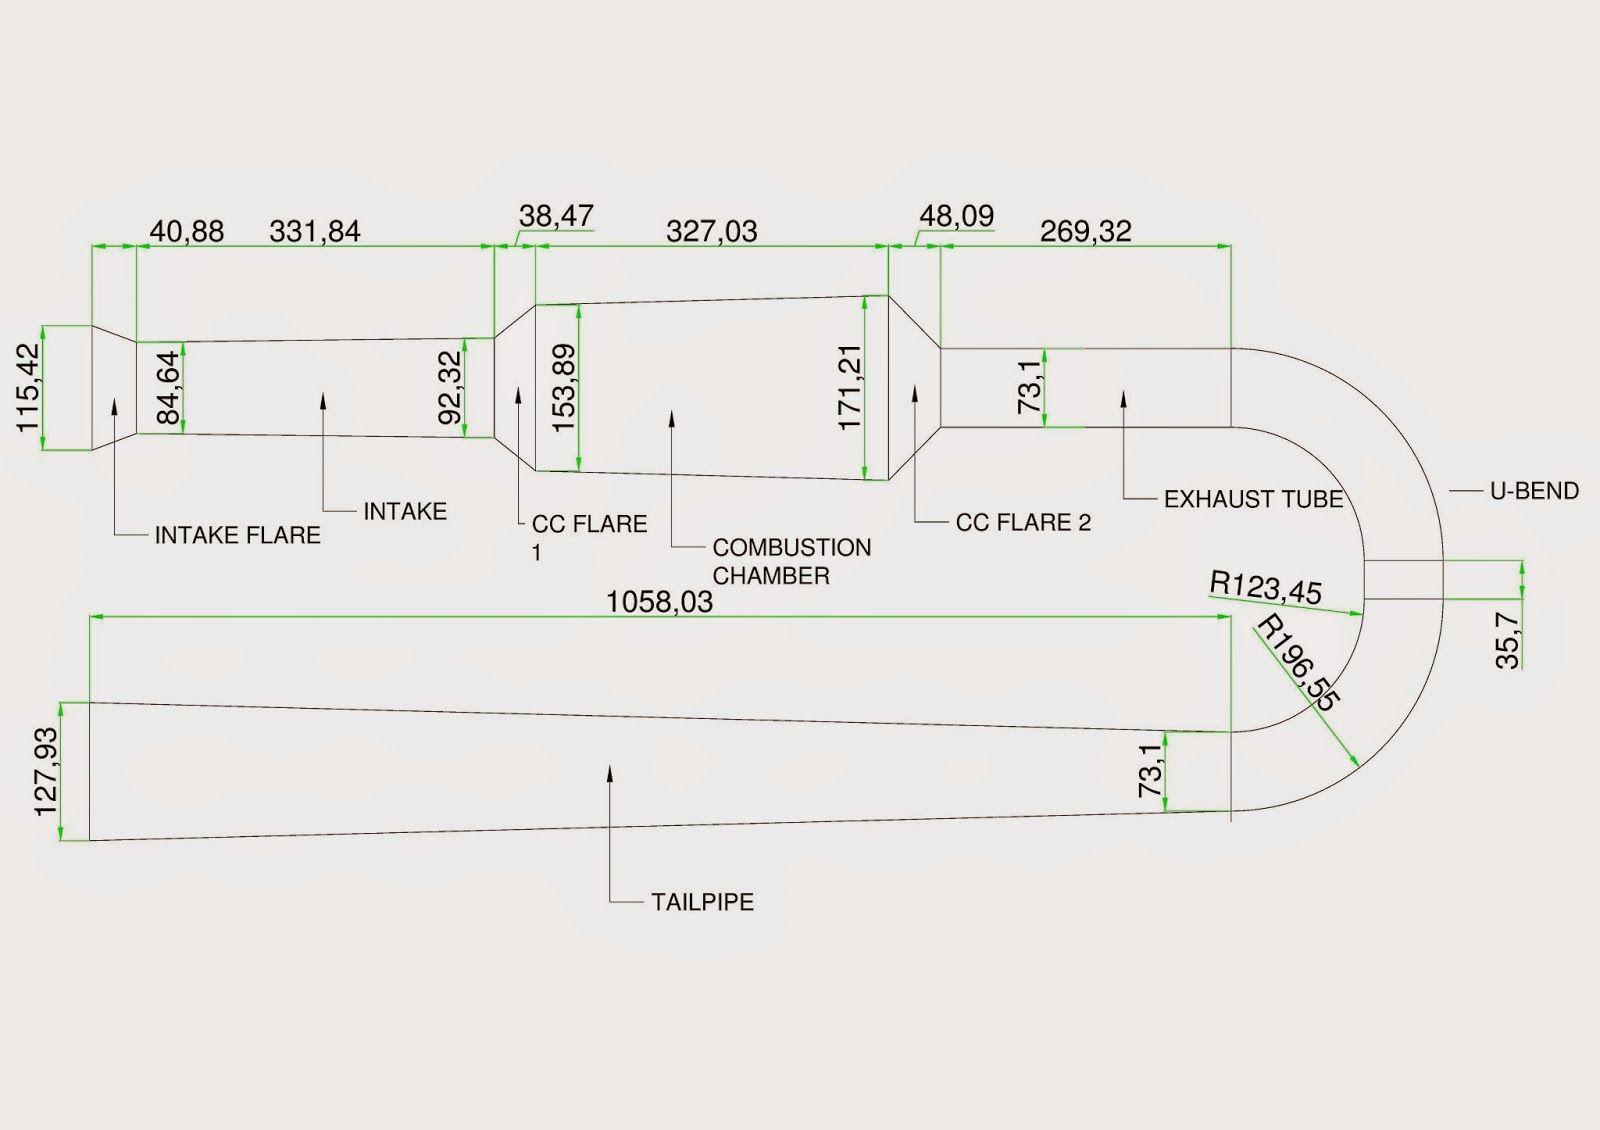 pin pulse jet engine diagram on pinterest wiring diagram go afbeeldingsresultaat voor lockwood hiller pulse jet [ 1600 x 1130 Pixel ]